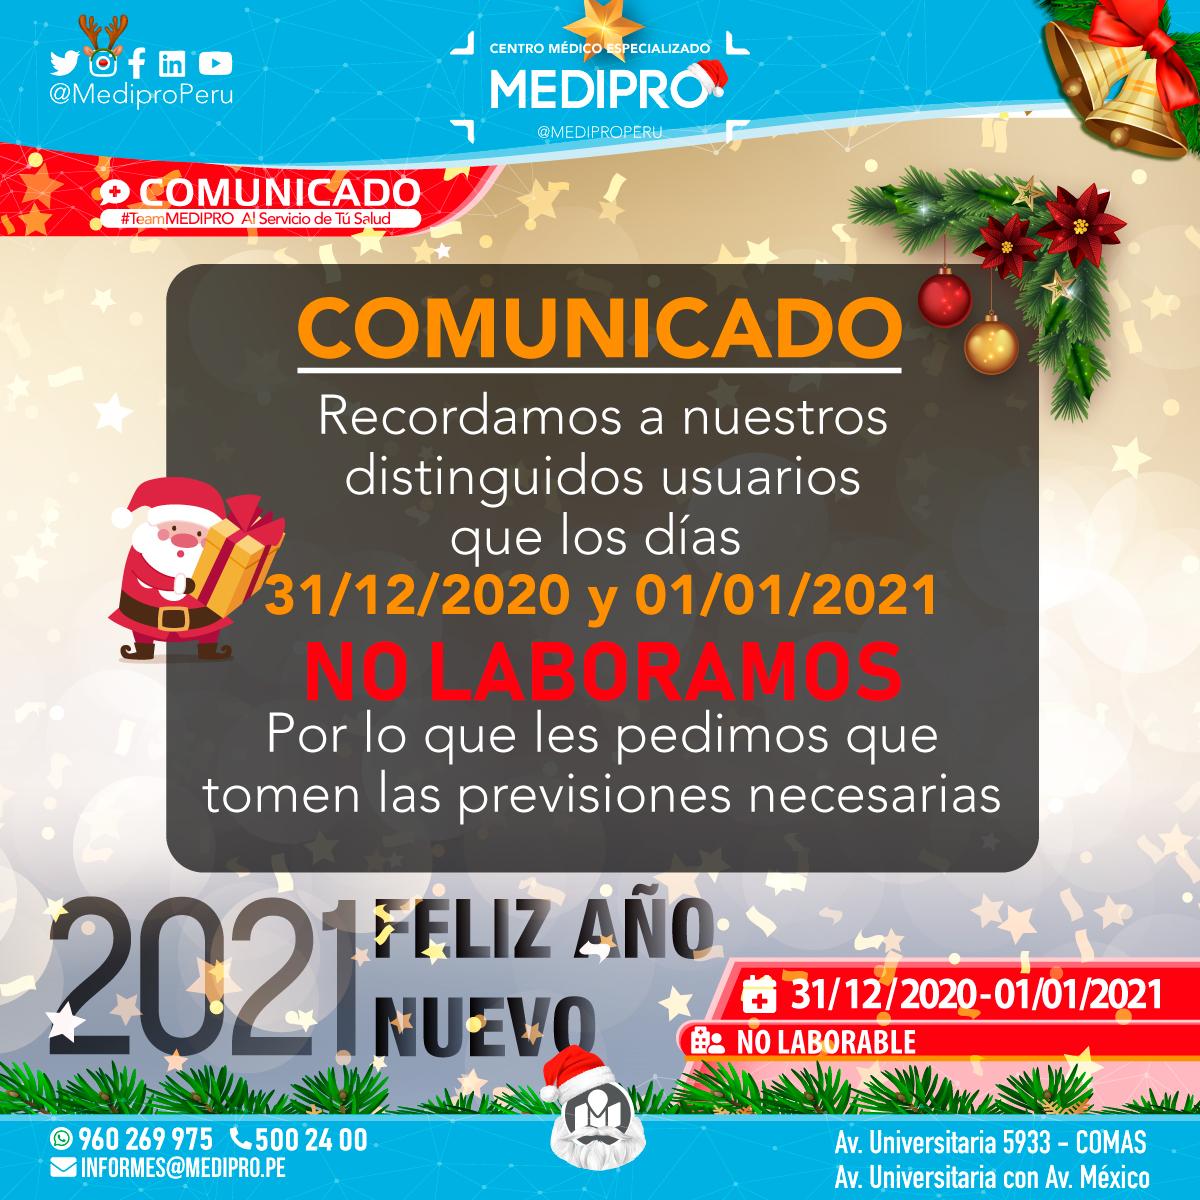 COMUNICADO   31/12/2020  –  01/01/2021